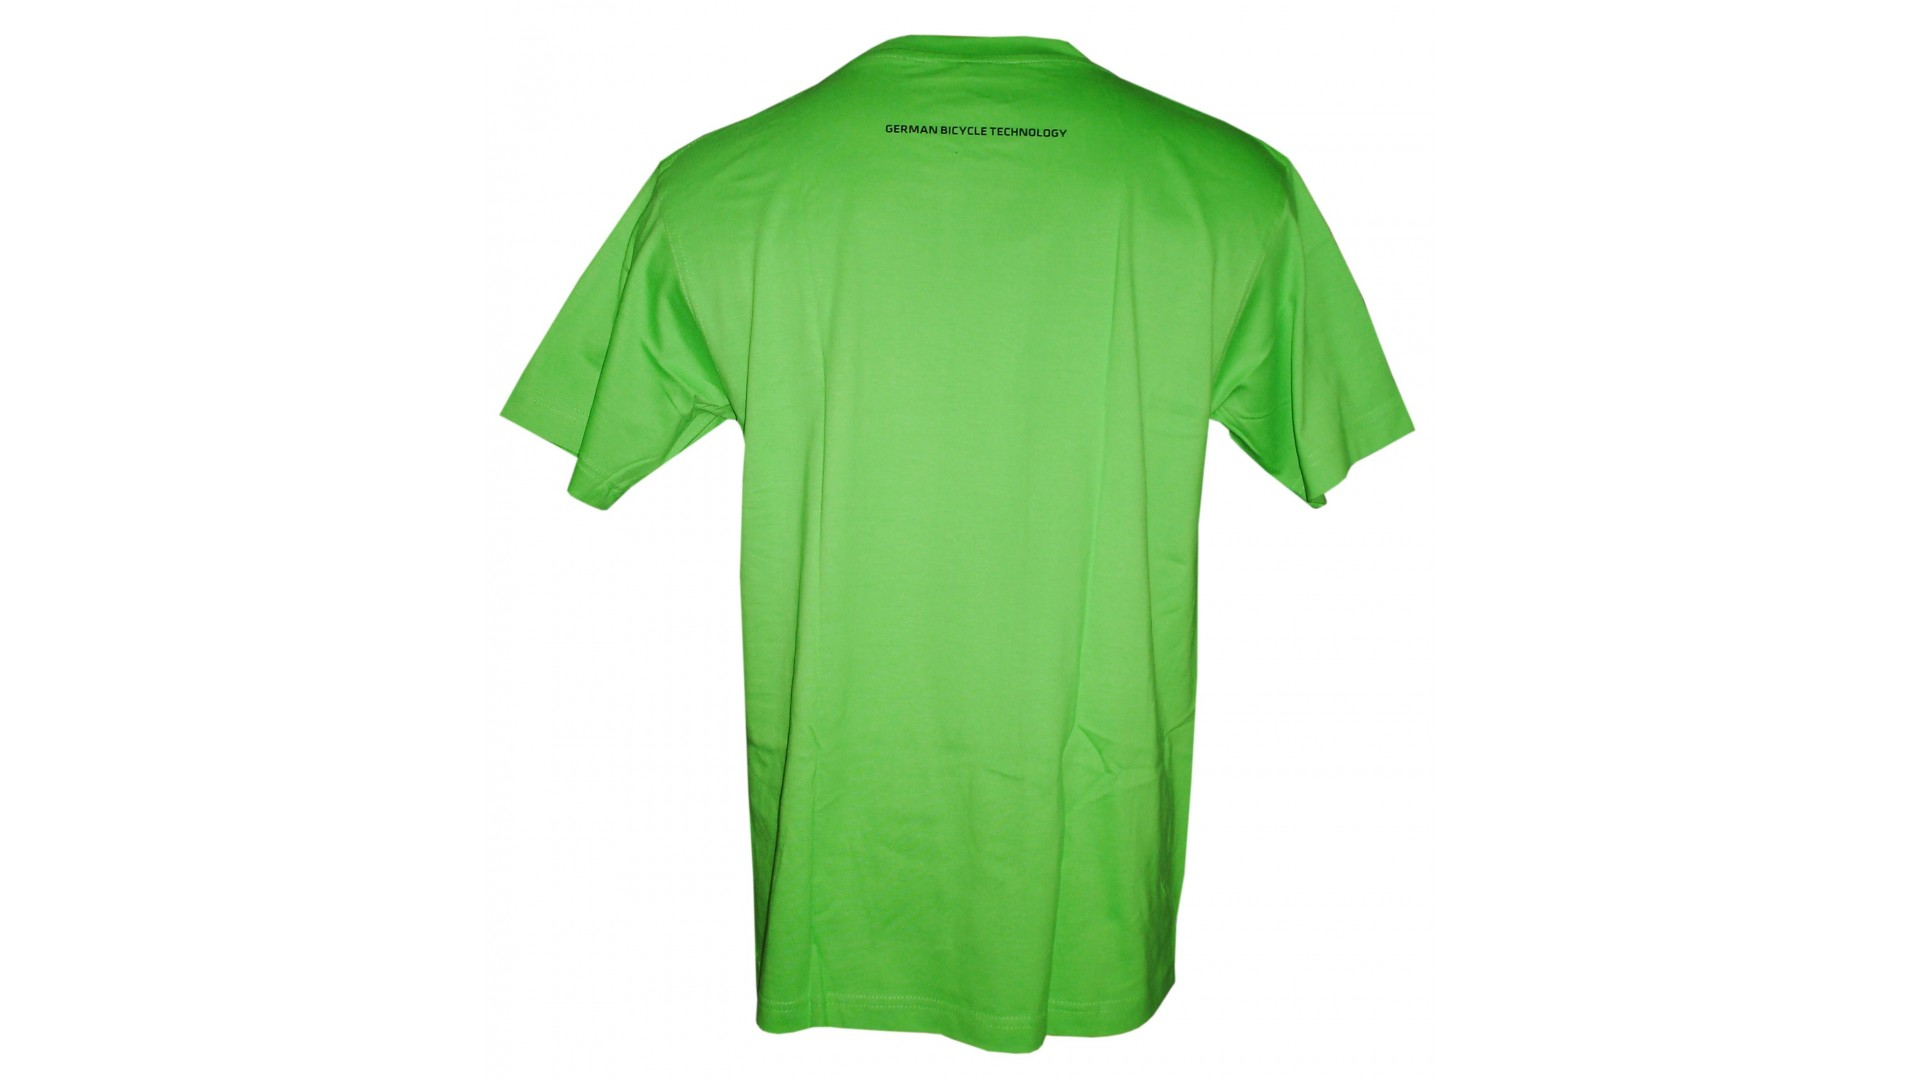 Футболка Ghost T-shirt limegreen год 2015 вид сзади